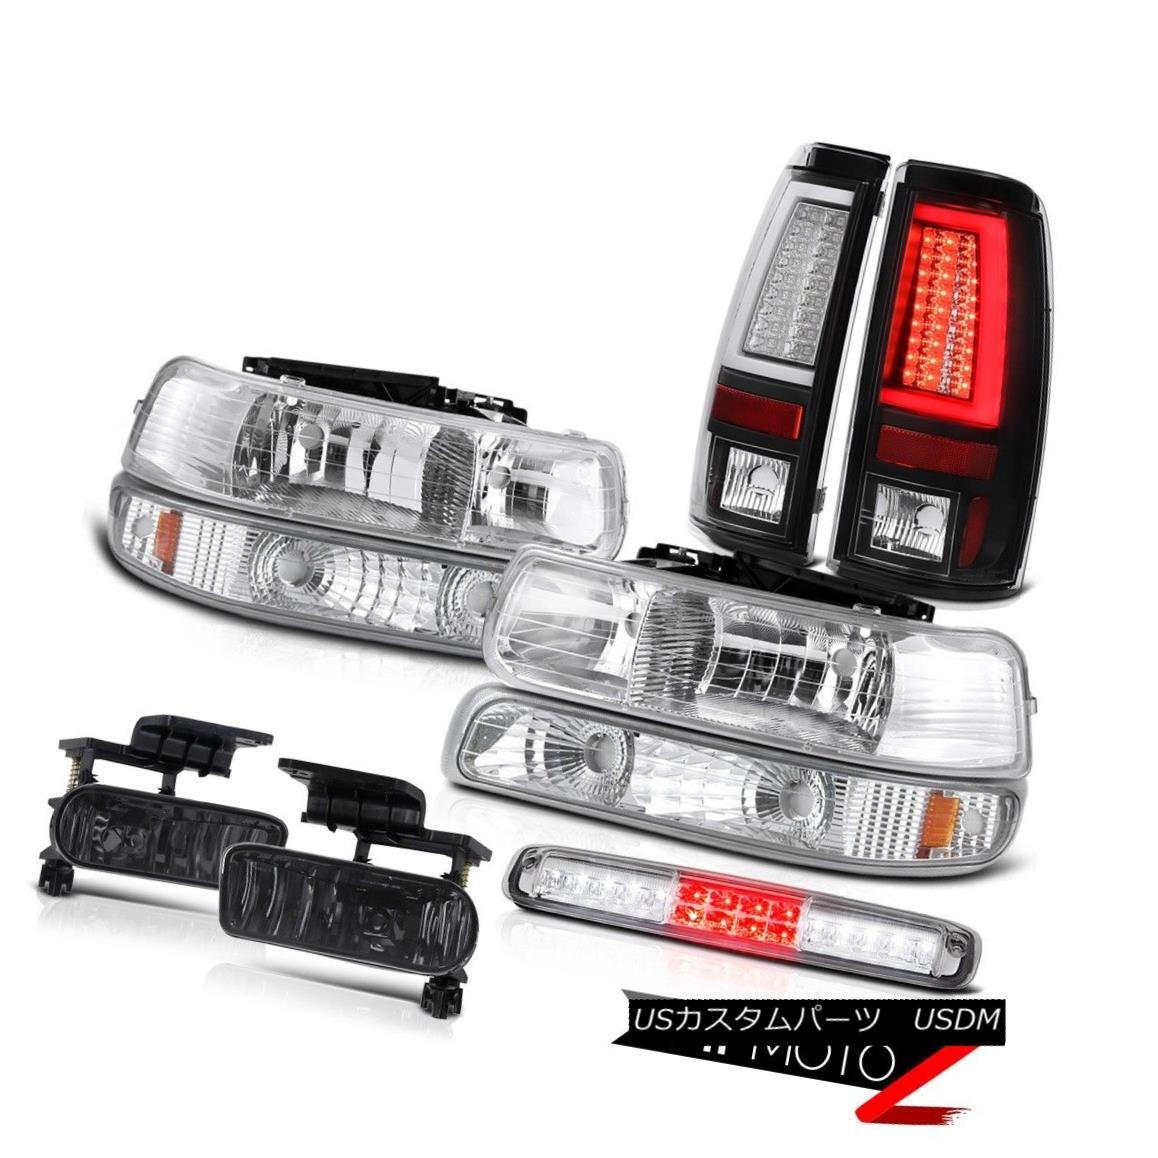 テールライト 1999-2002 Silverado 2500HD Taillights Headlights Signal Lamp 3rd Brake Foglamps 1999-2002 Silverado 2500HDテールライトヘッドライト信号ランプ第3ブレーキフォグランプ